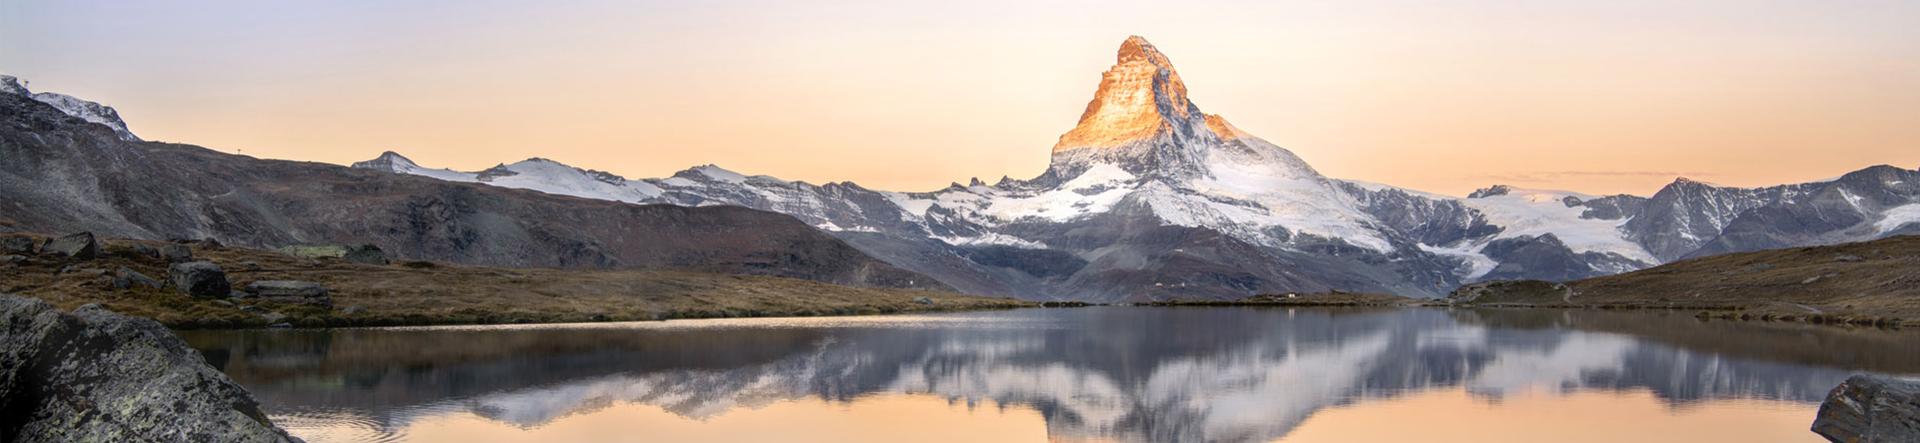 Regional Swiss Top 25